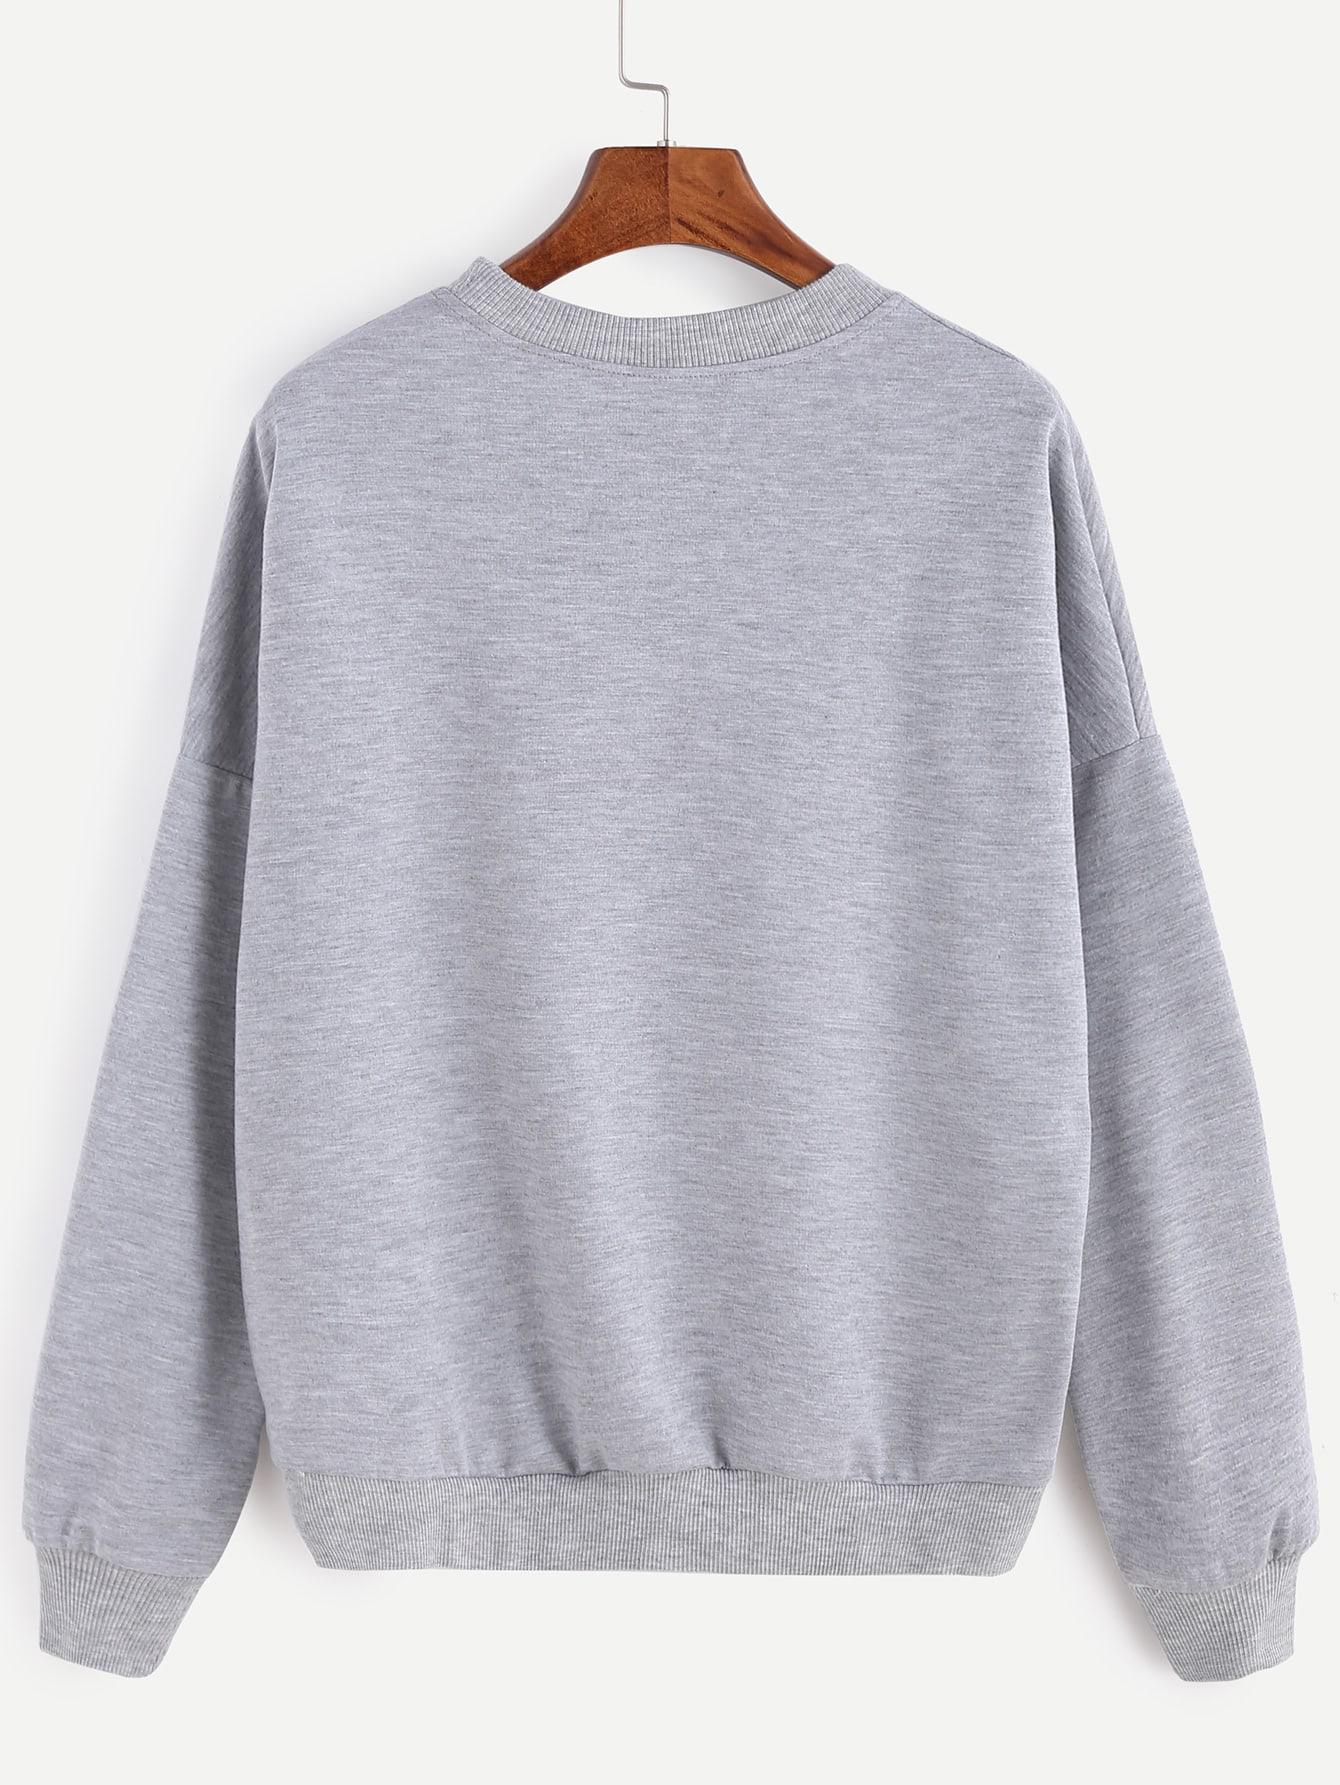 sweatshirt161018134_2